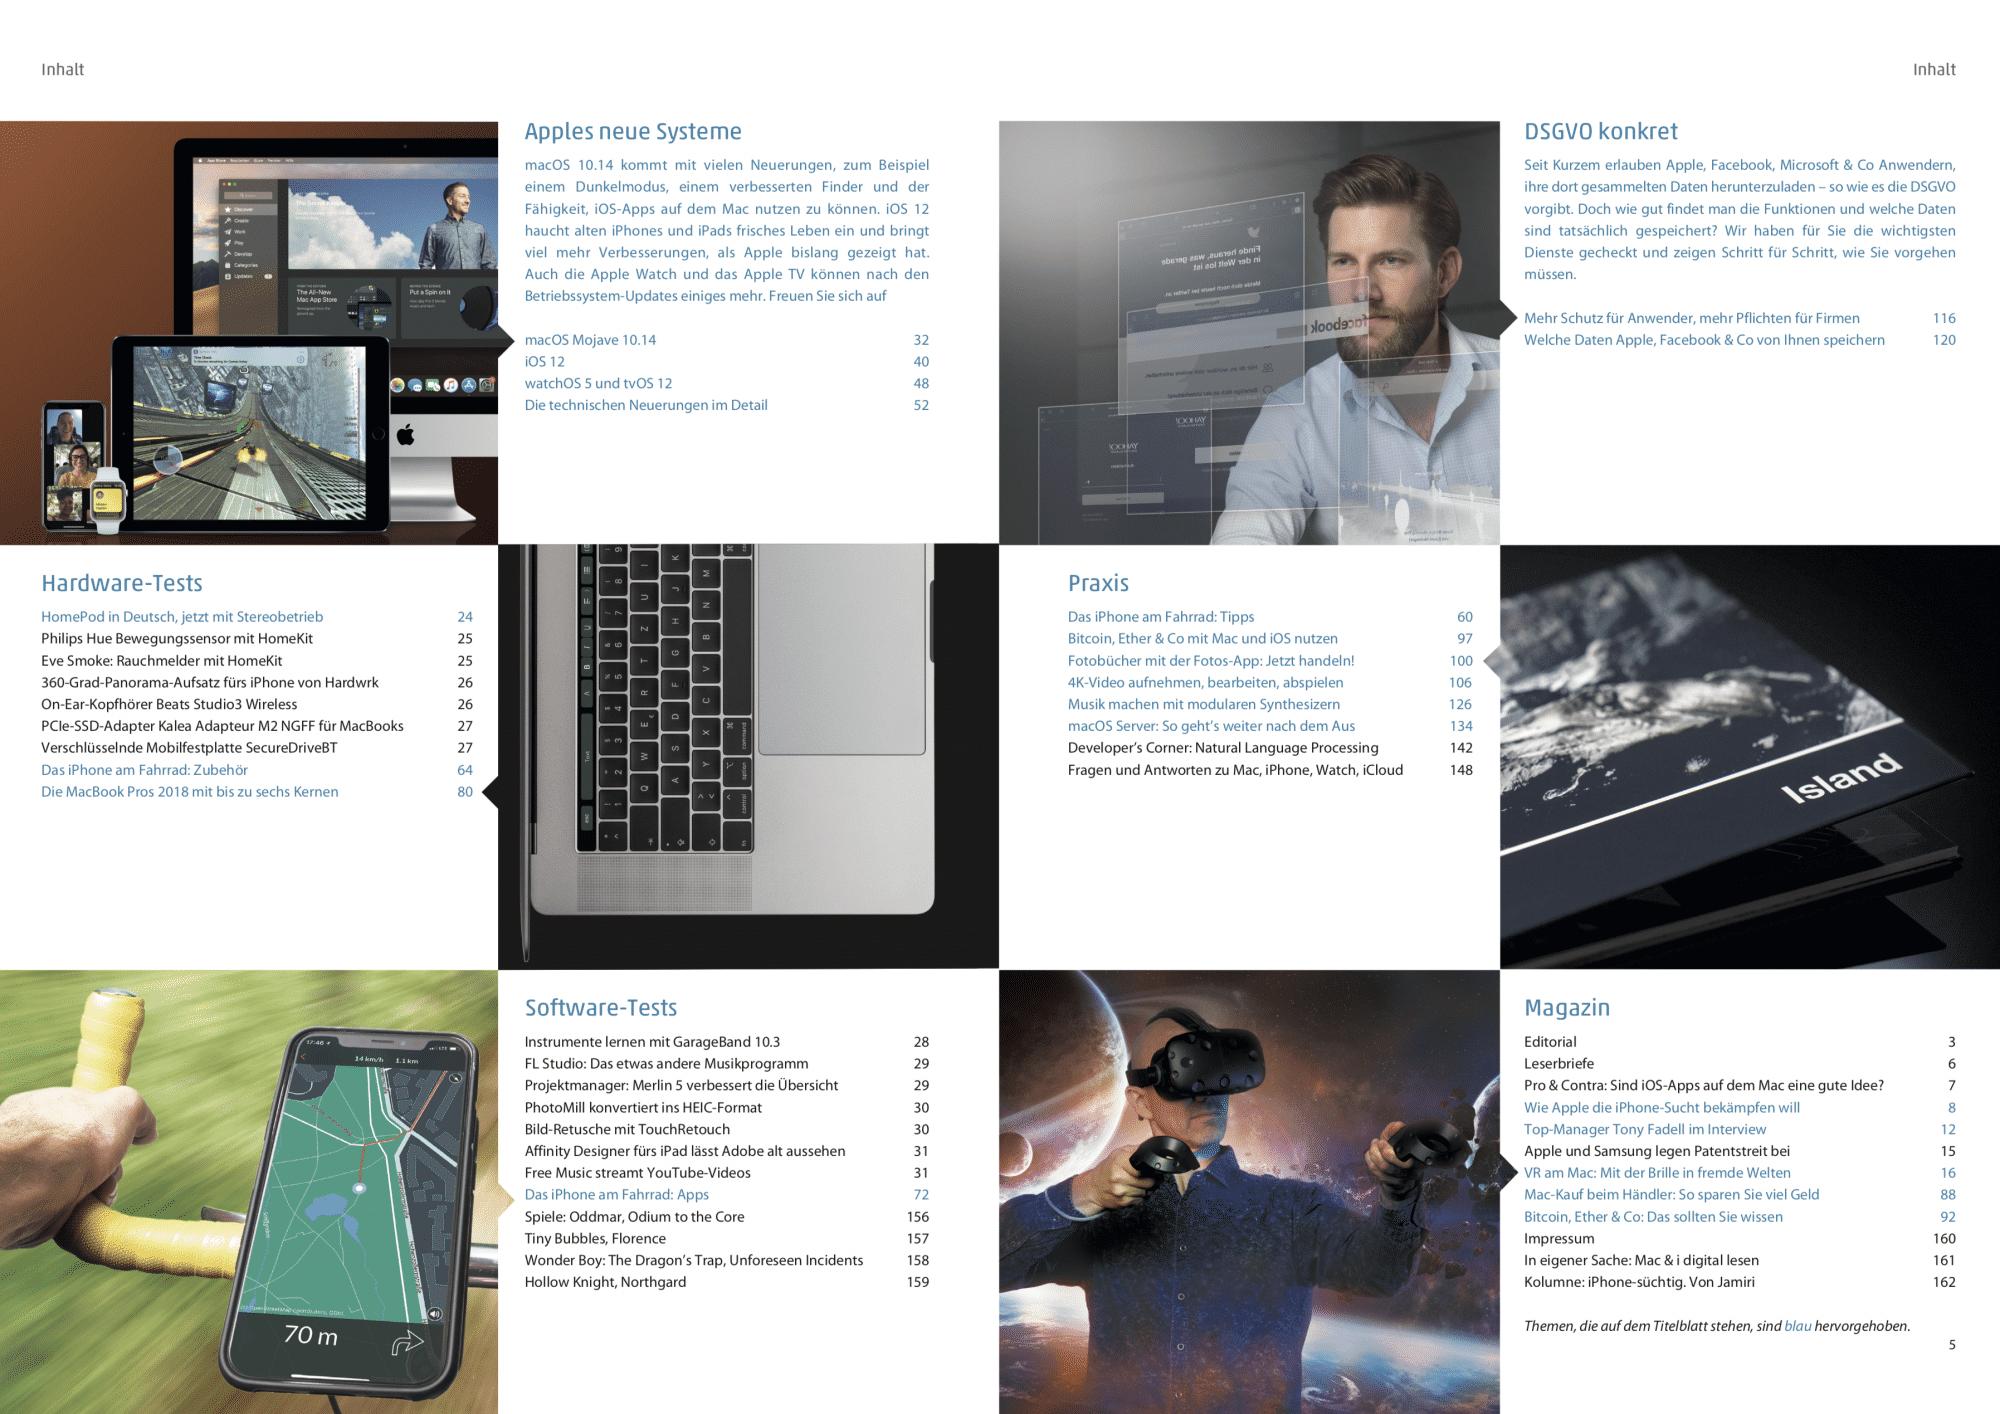 Mac & i Heft 4/2018: Inhaltsverzeichnis